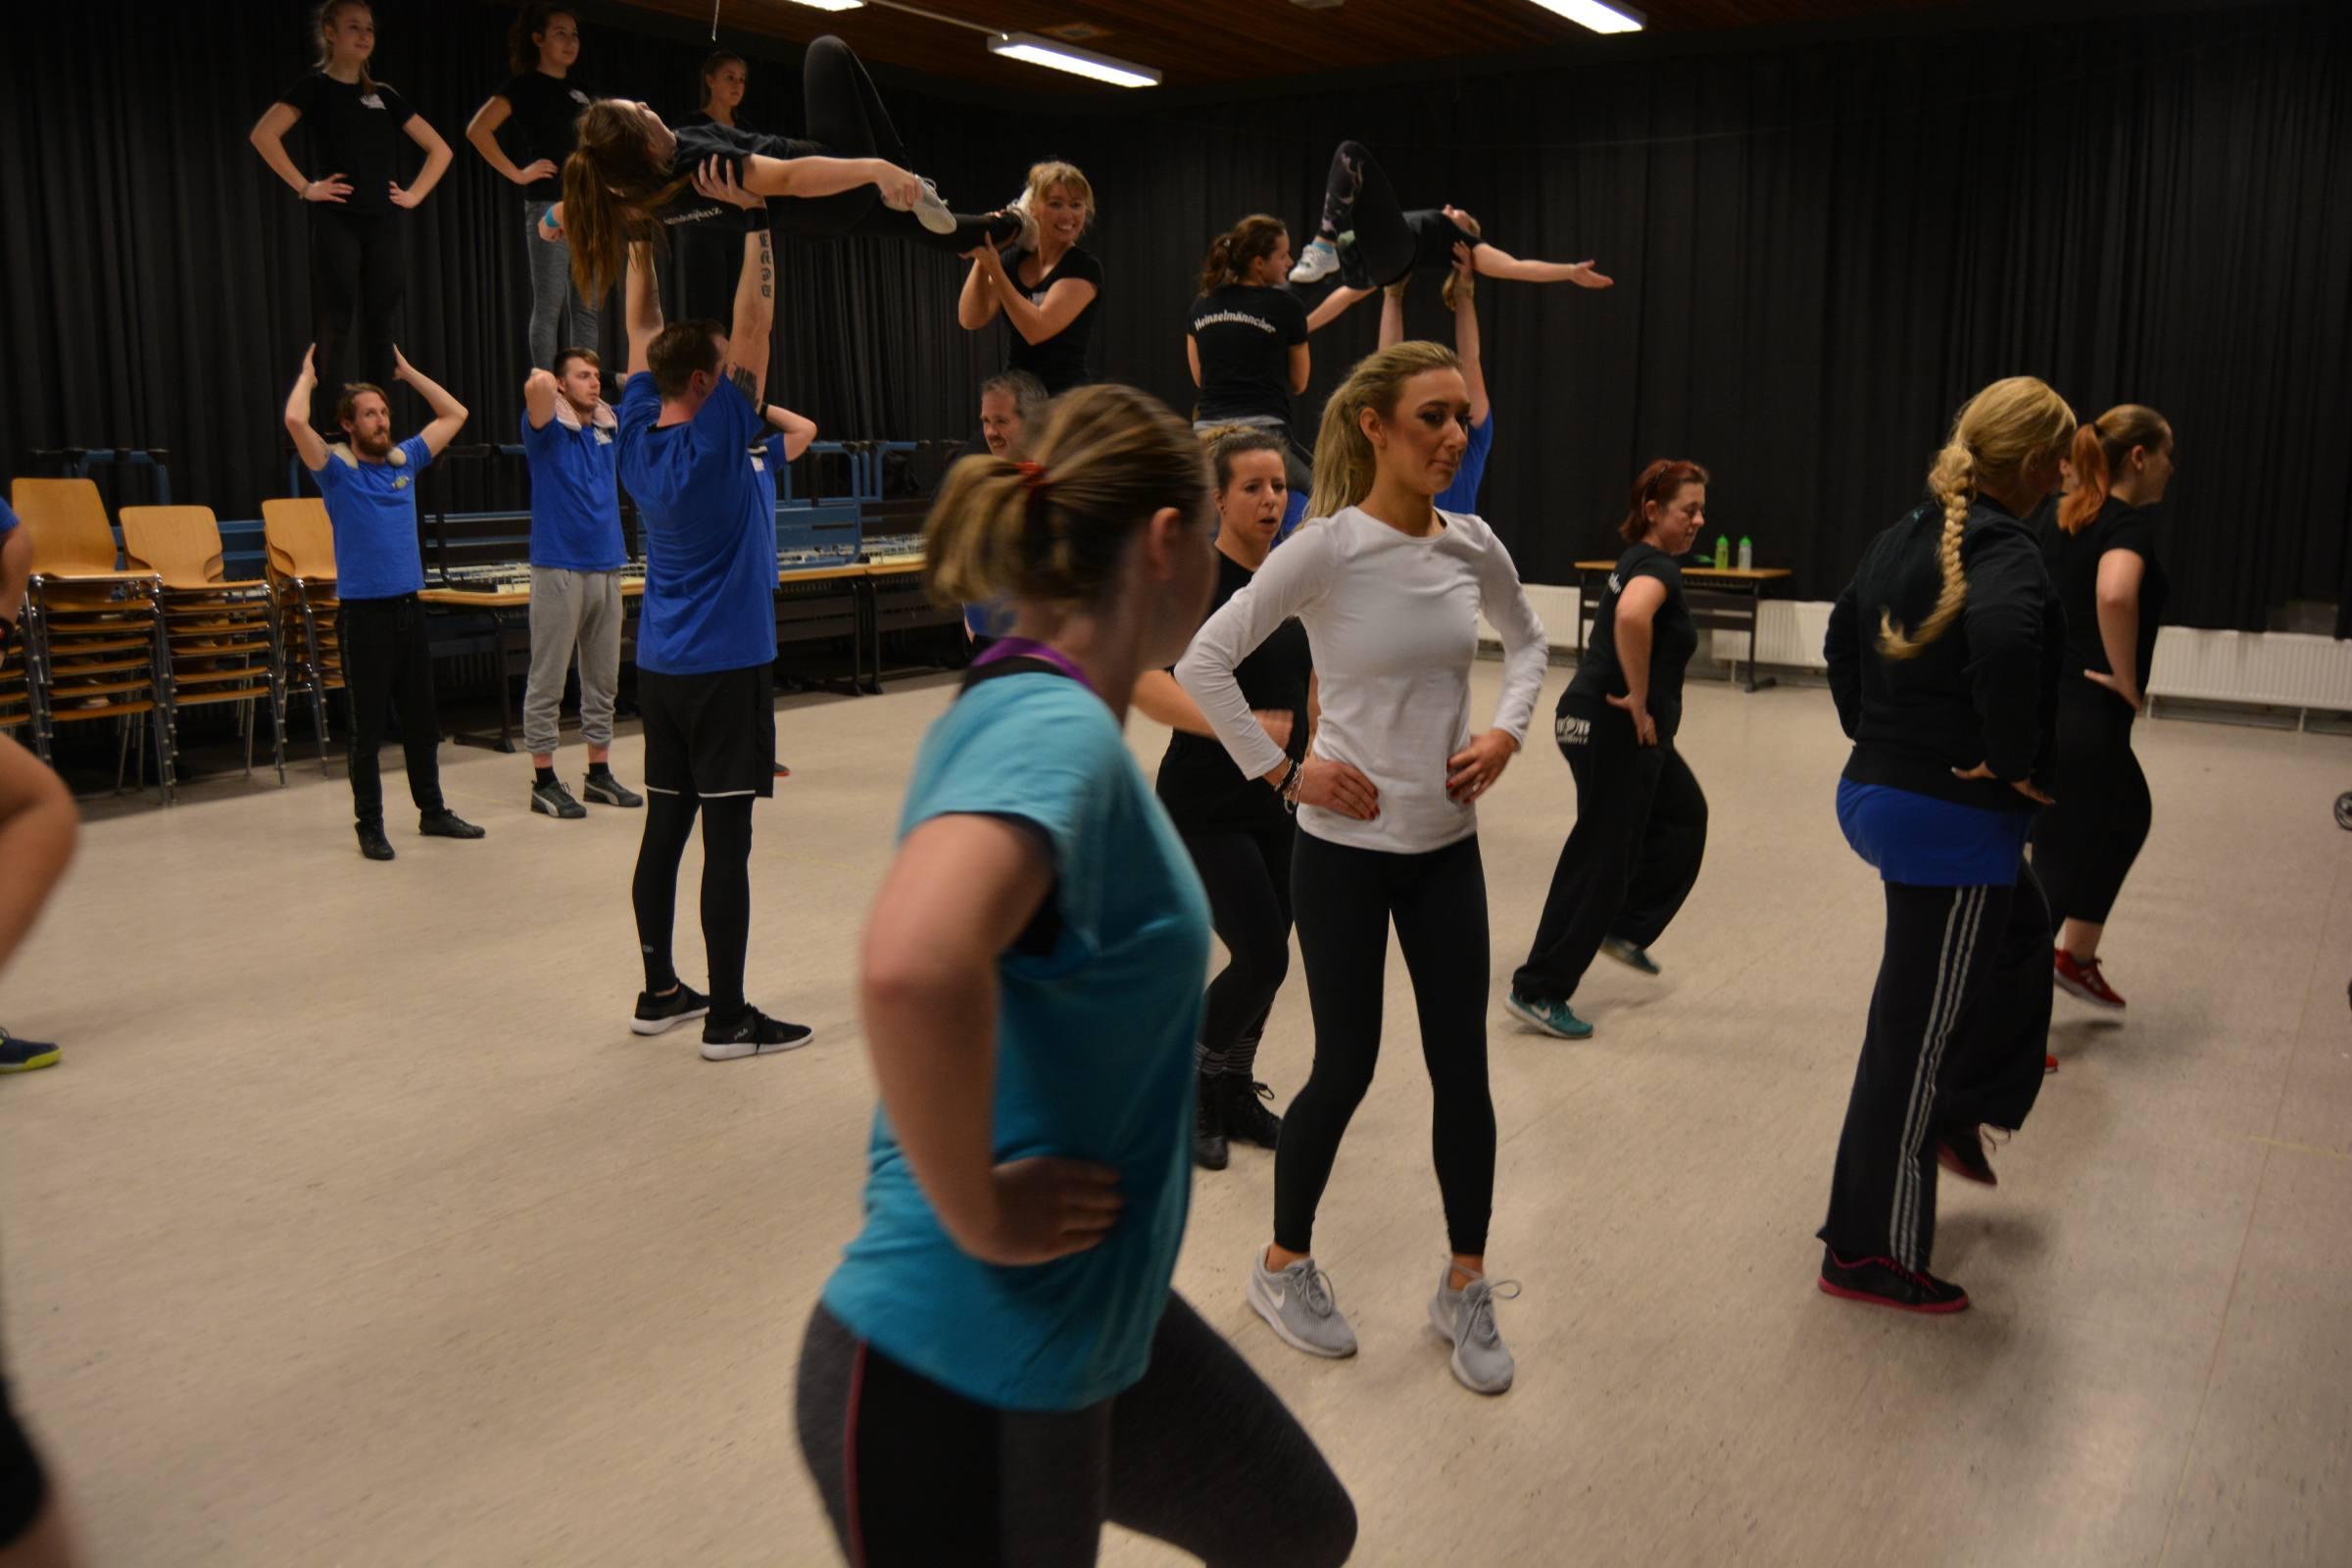 Heinzelmänncher Tänzerin und Daisy versuchen einen Rhythmus zu finden